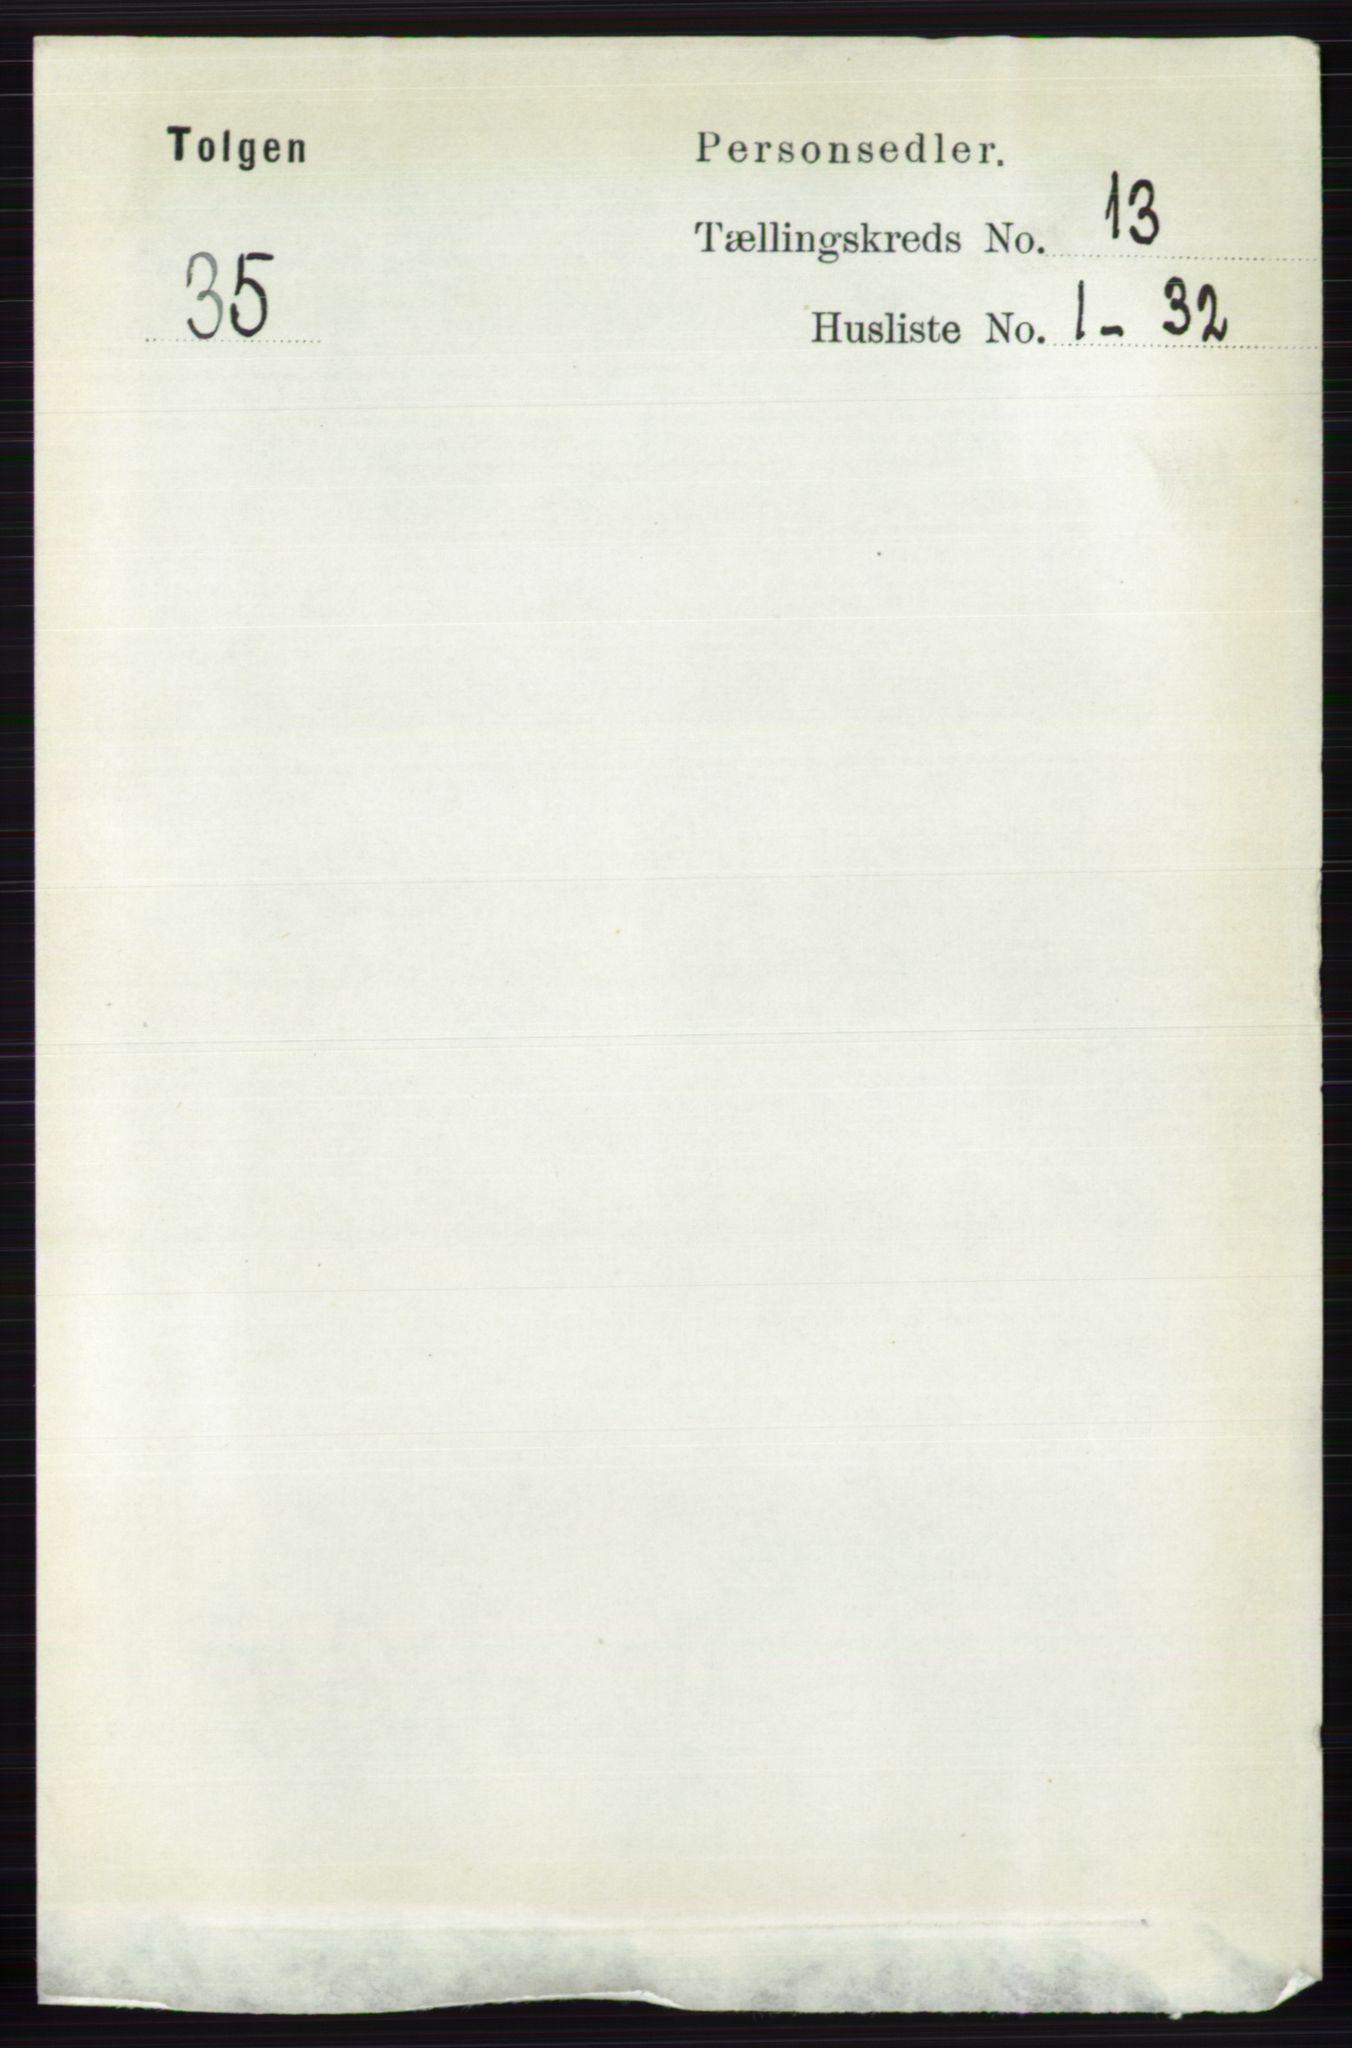 RA, Folketelling 1891 for 0436 Tolga herred, 1891, s. 3879